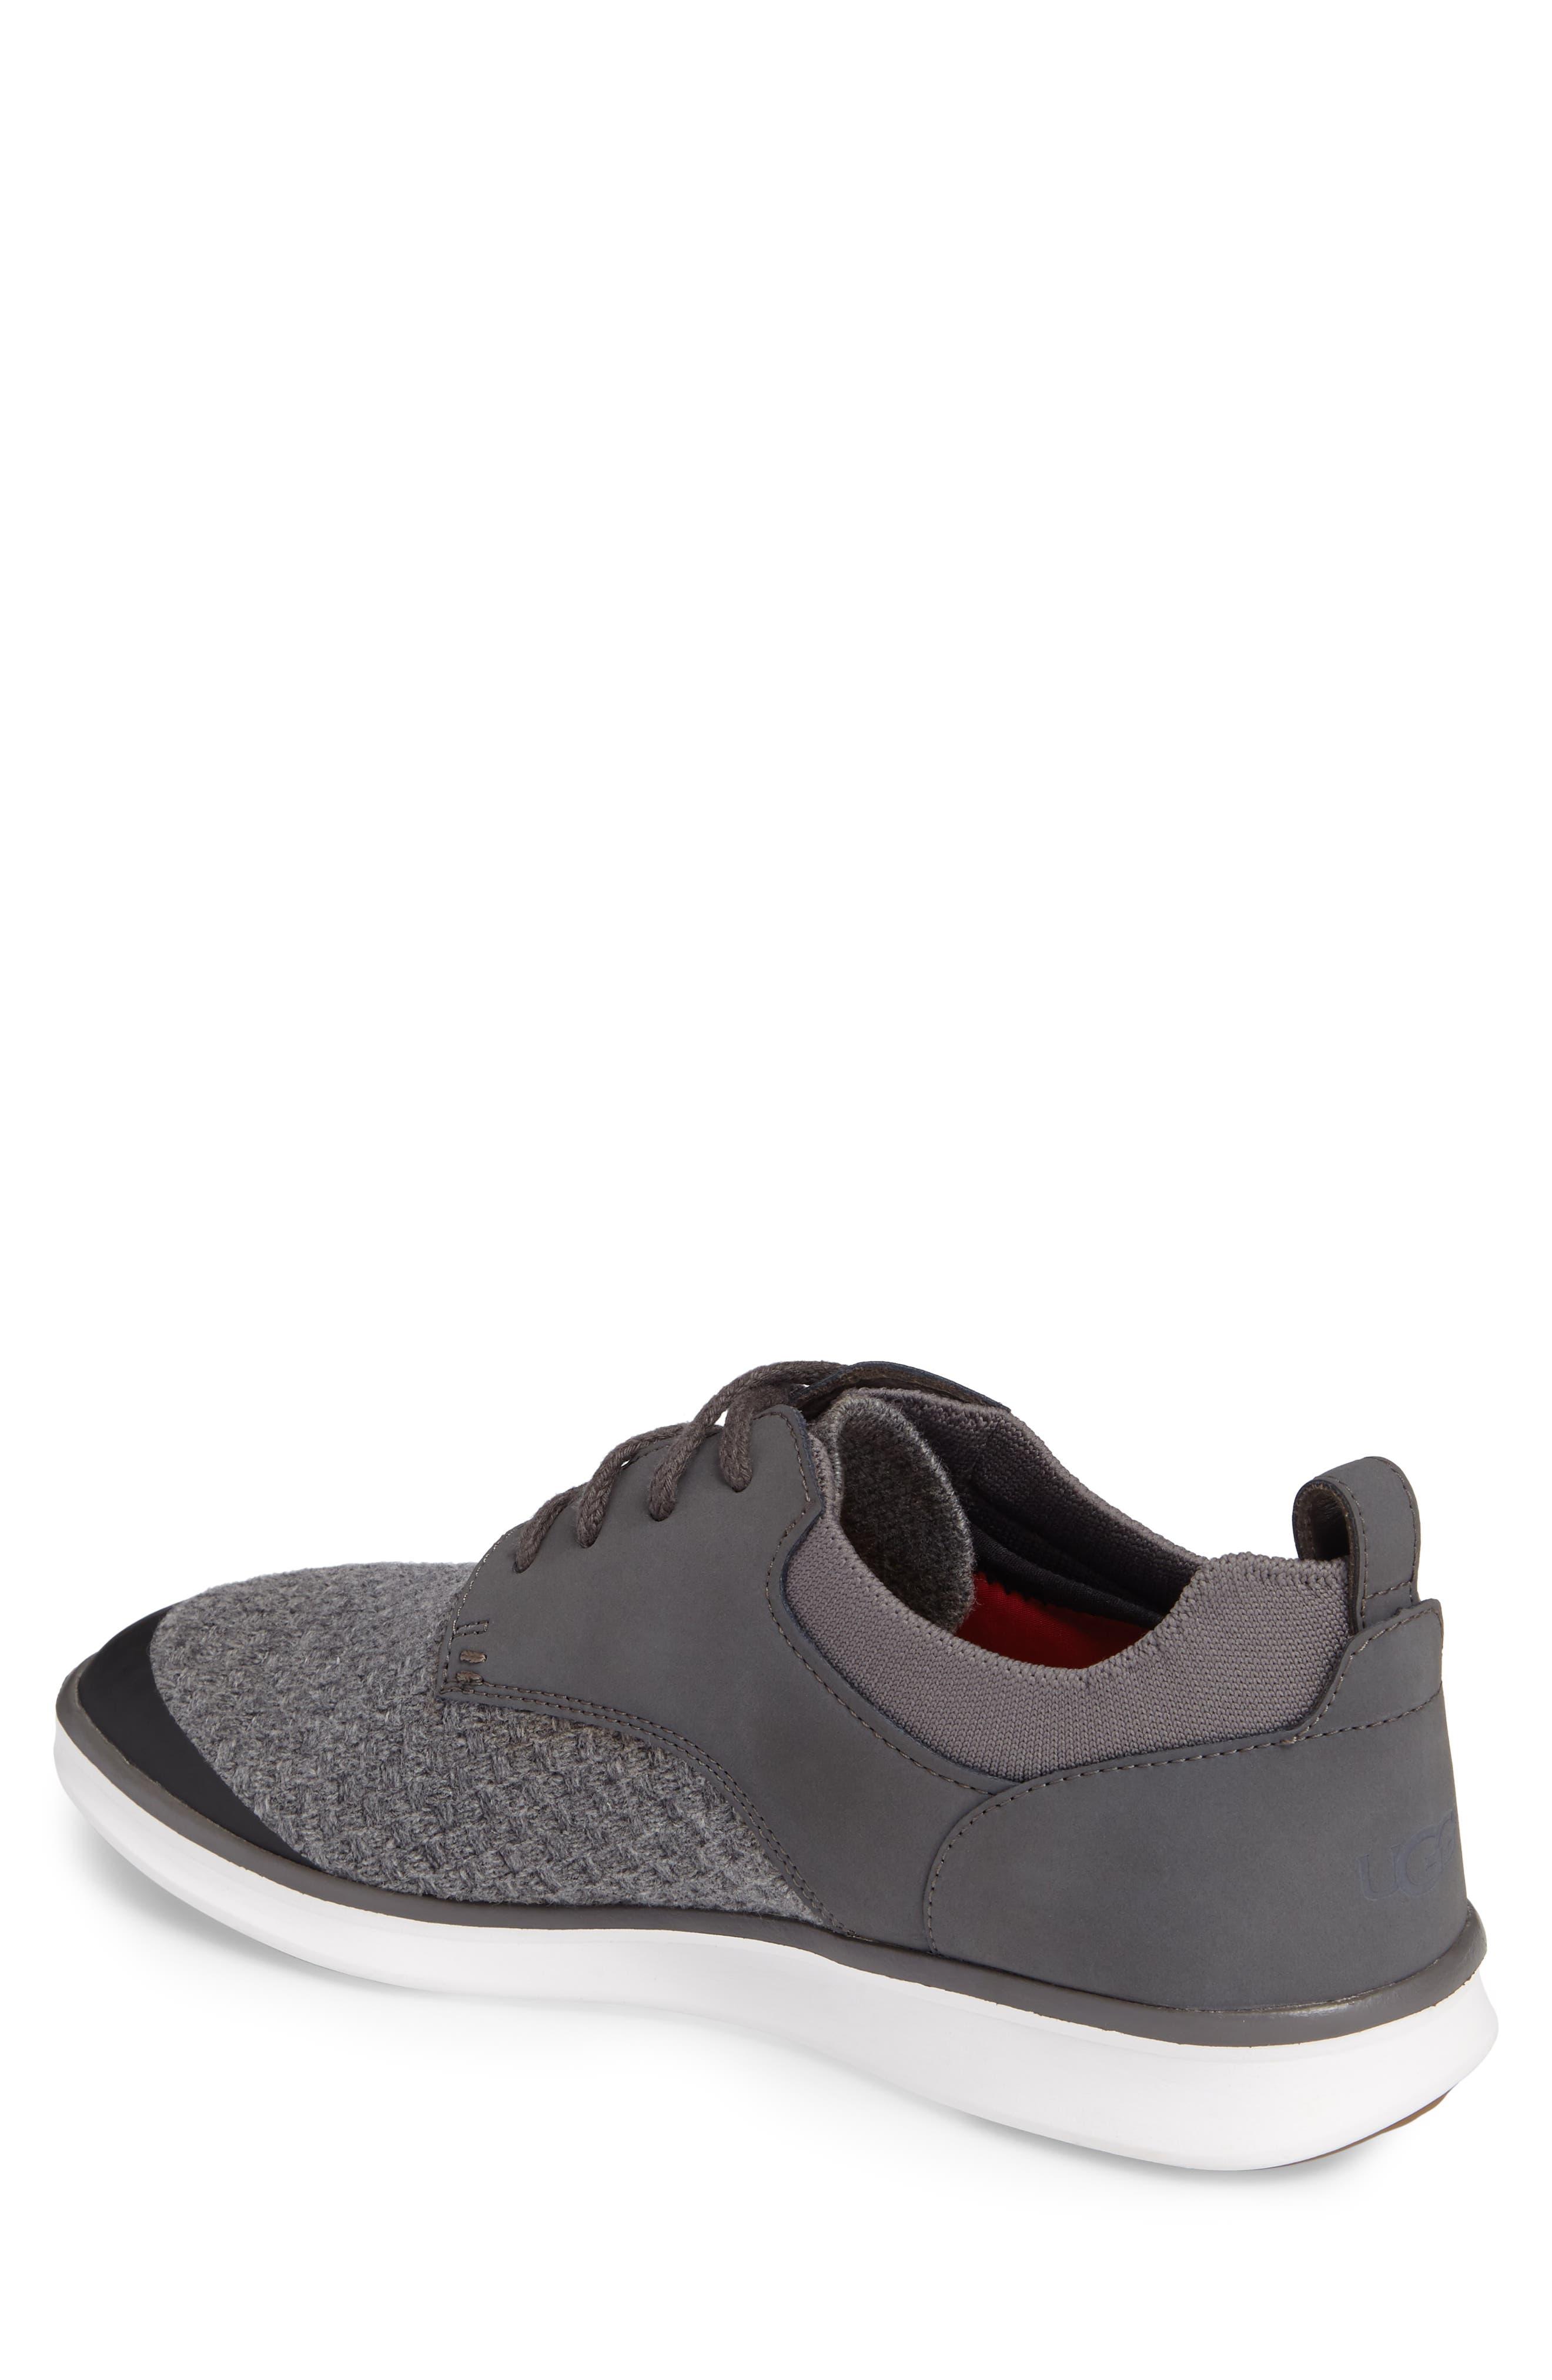 Hepner HyperWeave Sneaker,                             Alternate thumbnail 2, color,                             Dark Charcoal